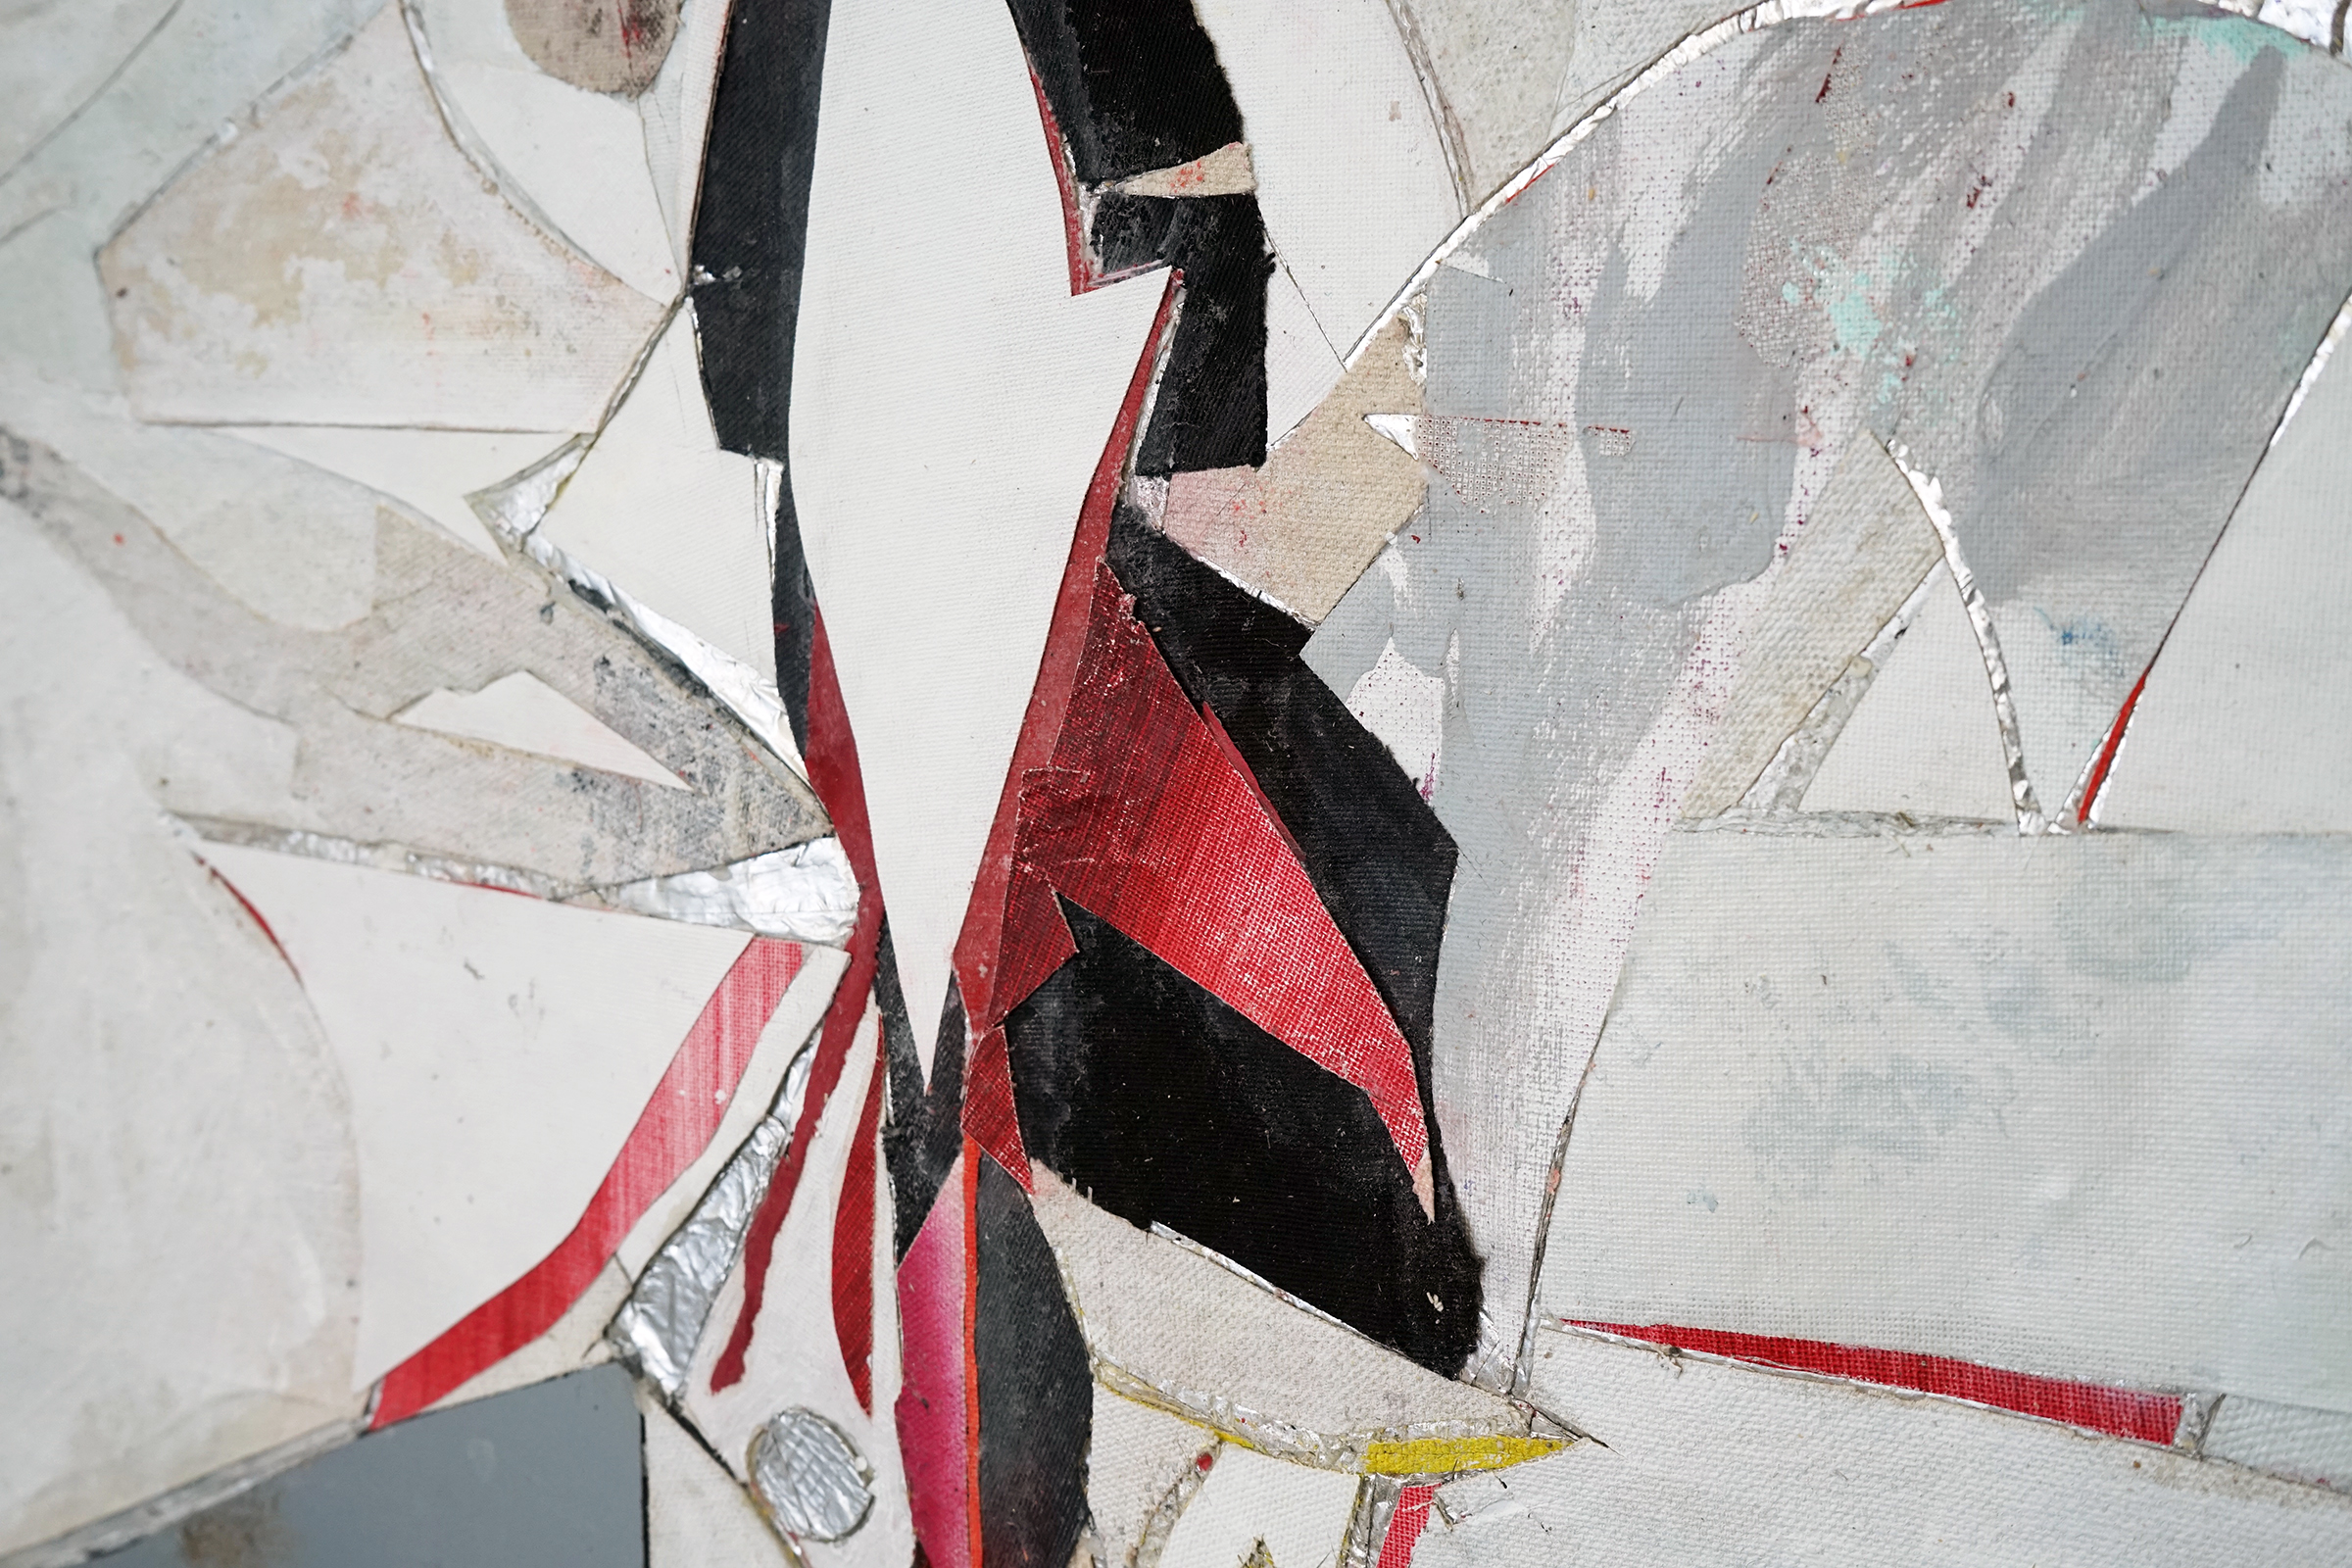 """RYAN WALLACE  (detail) Lenakaeia 3 , enamel, acrylic, canvas, linen, aluminum, fiberglass, 48"""" x 58"""", 2017"""